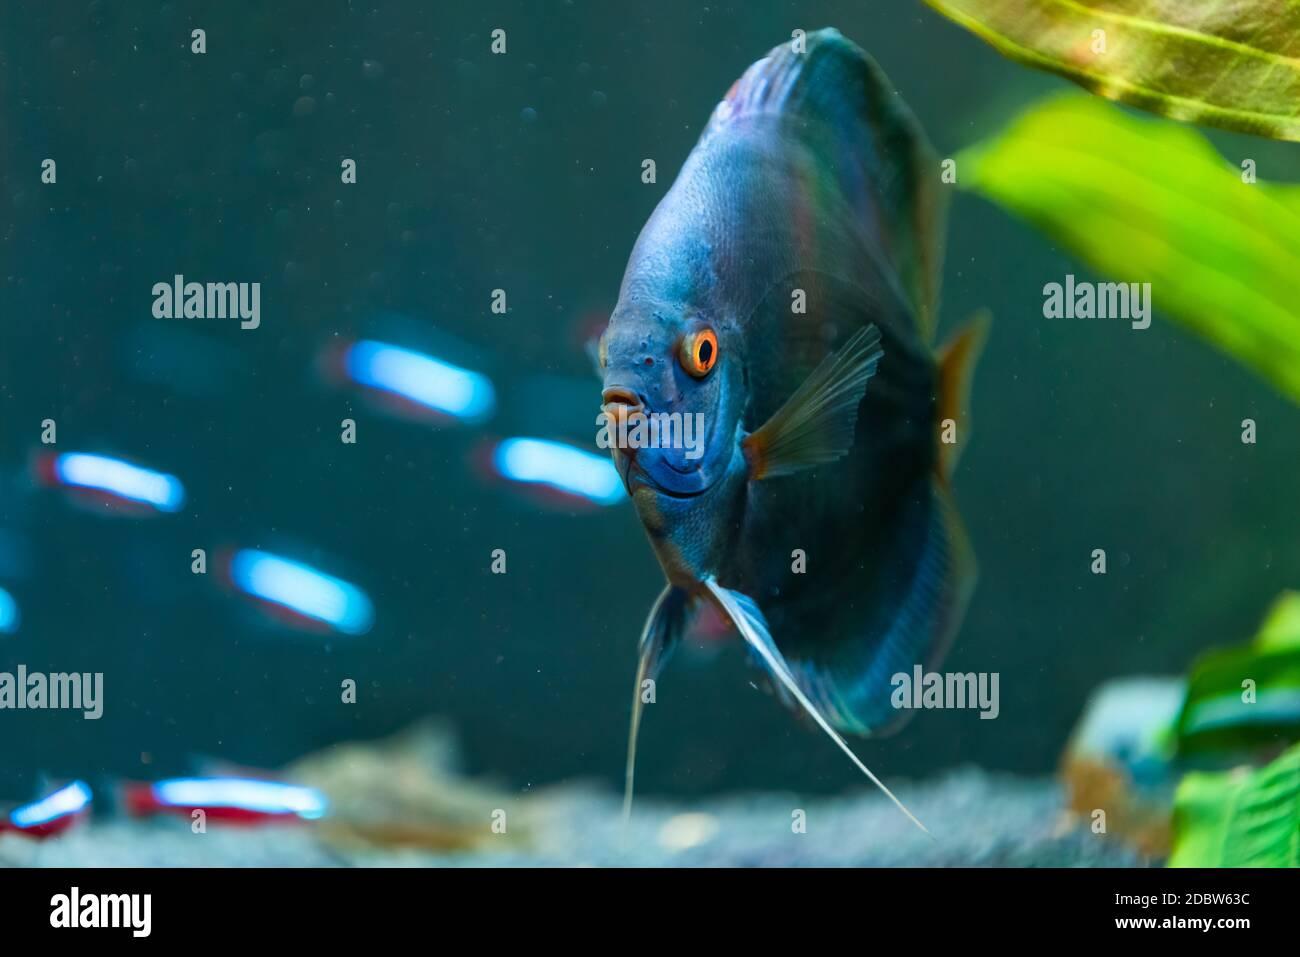 Gros plan d'un poisson bleu tropical Symphysodon discus dans un bassin de poissons. Arrière-plan de mise au point sélective. Banque D'Images